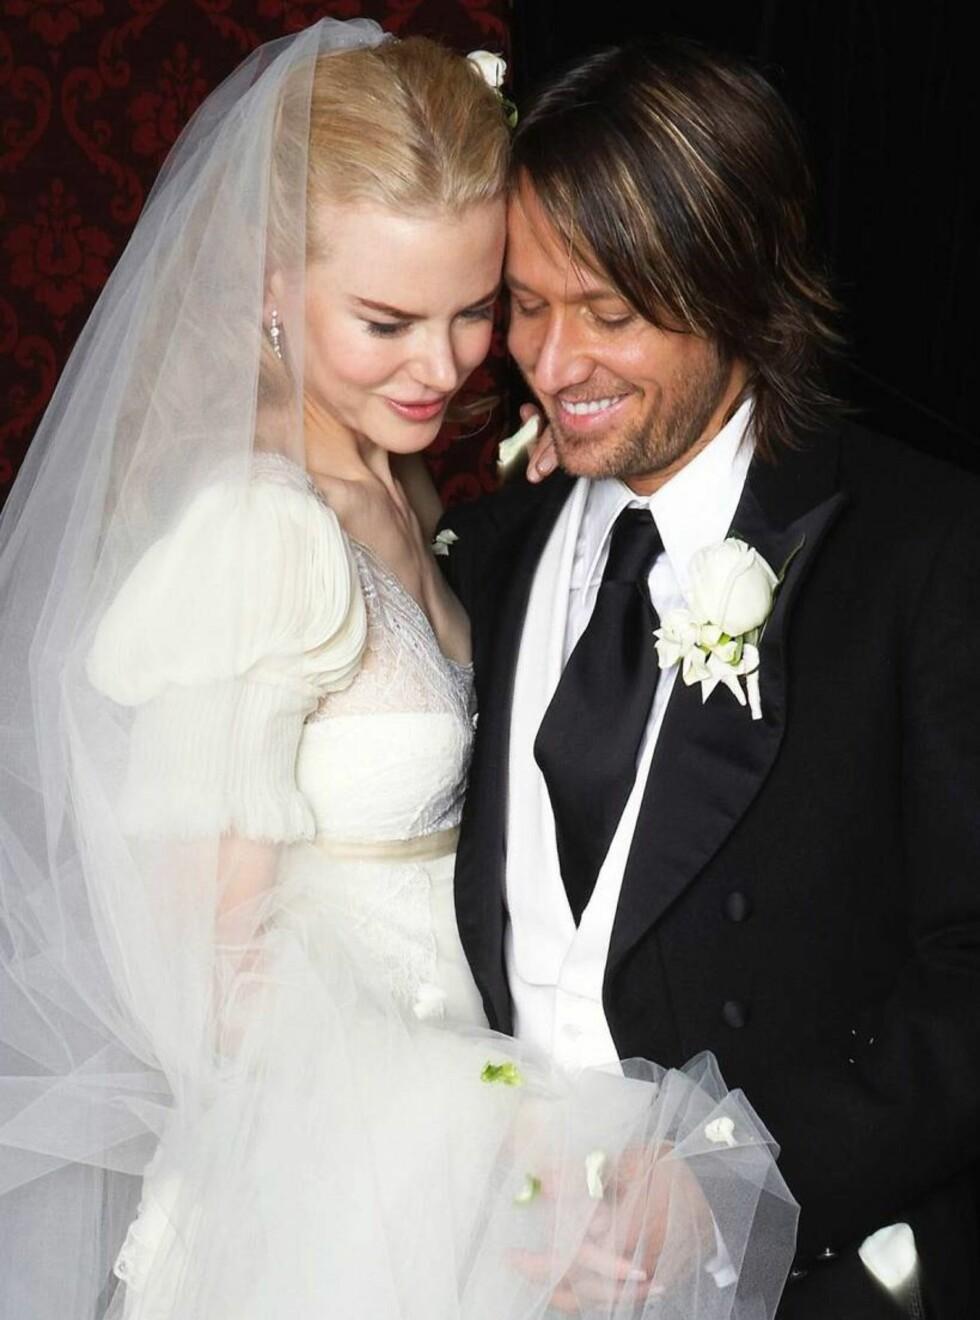 BRUDEBILDET: Nicoel og Keith ble gift i en storslahgen seremoni i hjemlandet Australia. Foto: AP/Scanpix